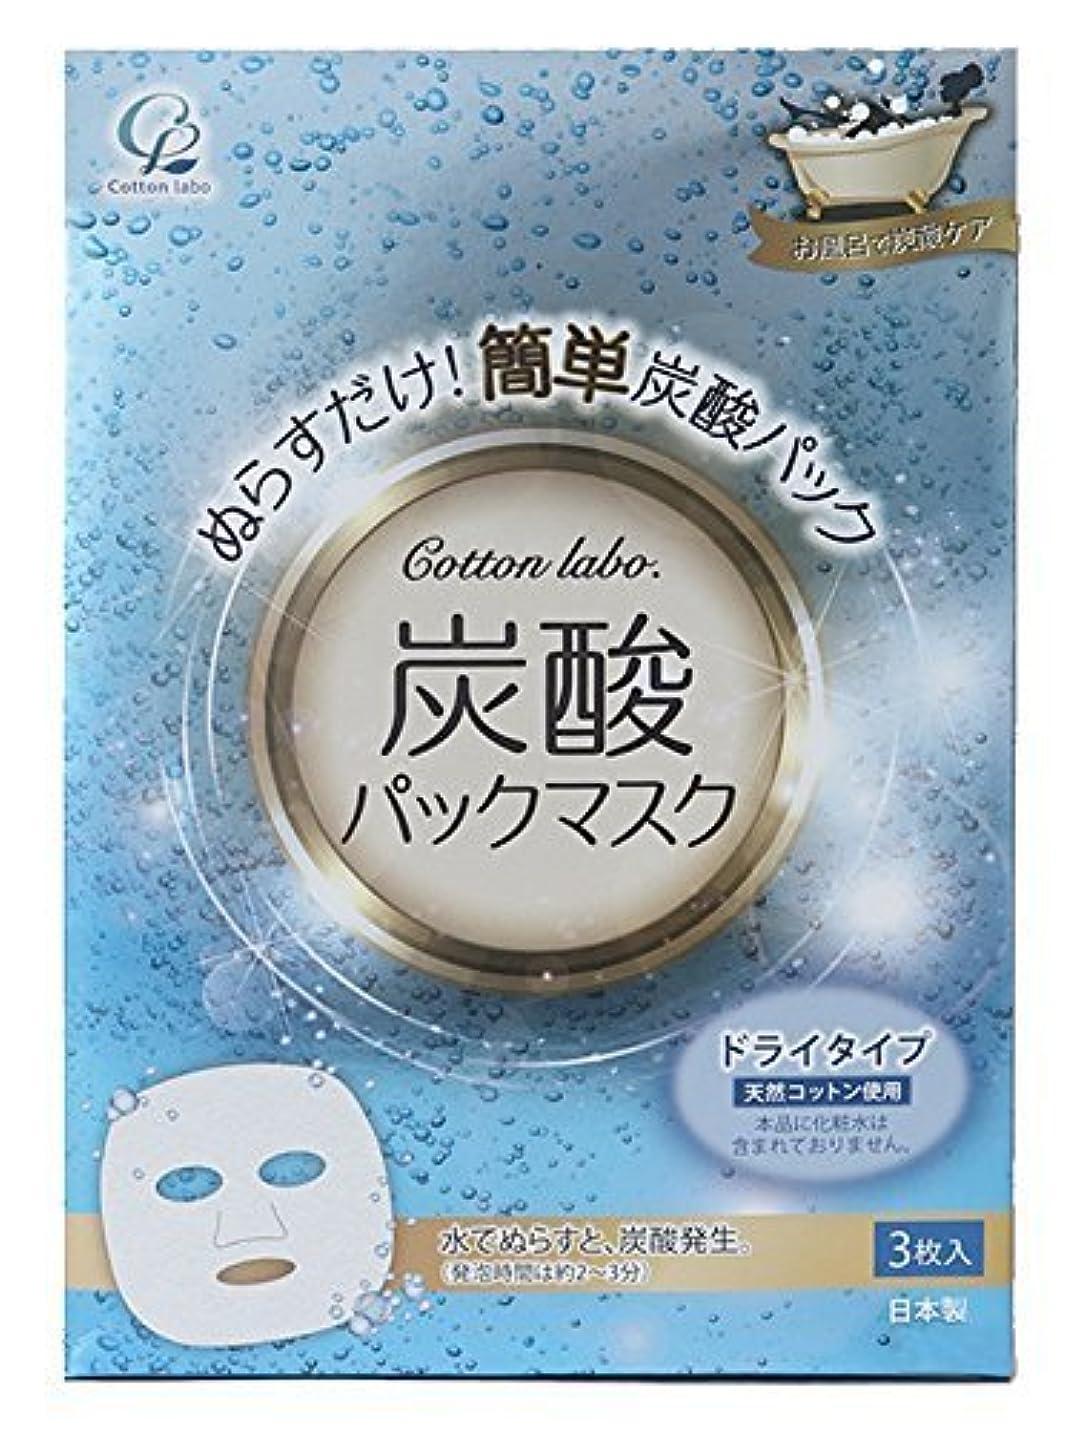 インフラ宙返り戦略皮膚を清浄にし 肌にはりと潤いを与える お風呂で炭酸ケア 天然コットン 炭酸パックマスク 3枚 80入り(240枚)